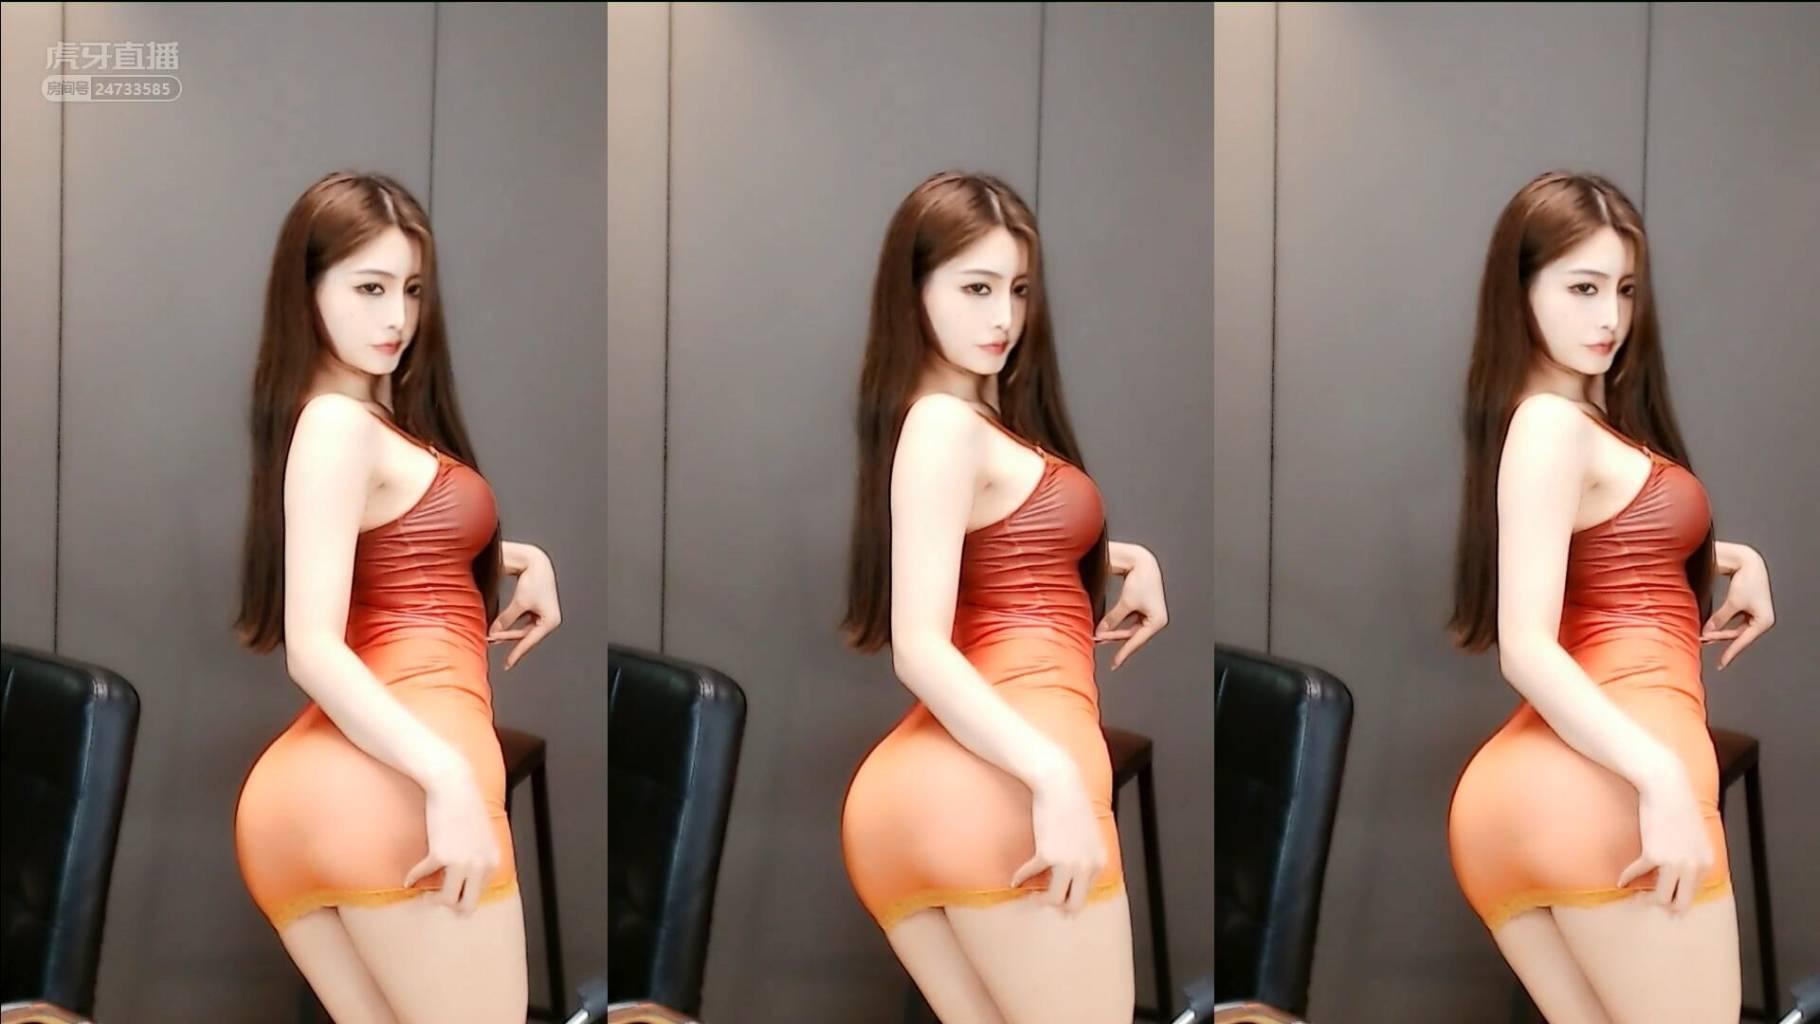 虎牙_晴小兔呢5_27橙色连衣裙哈喽